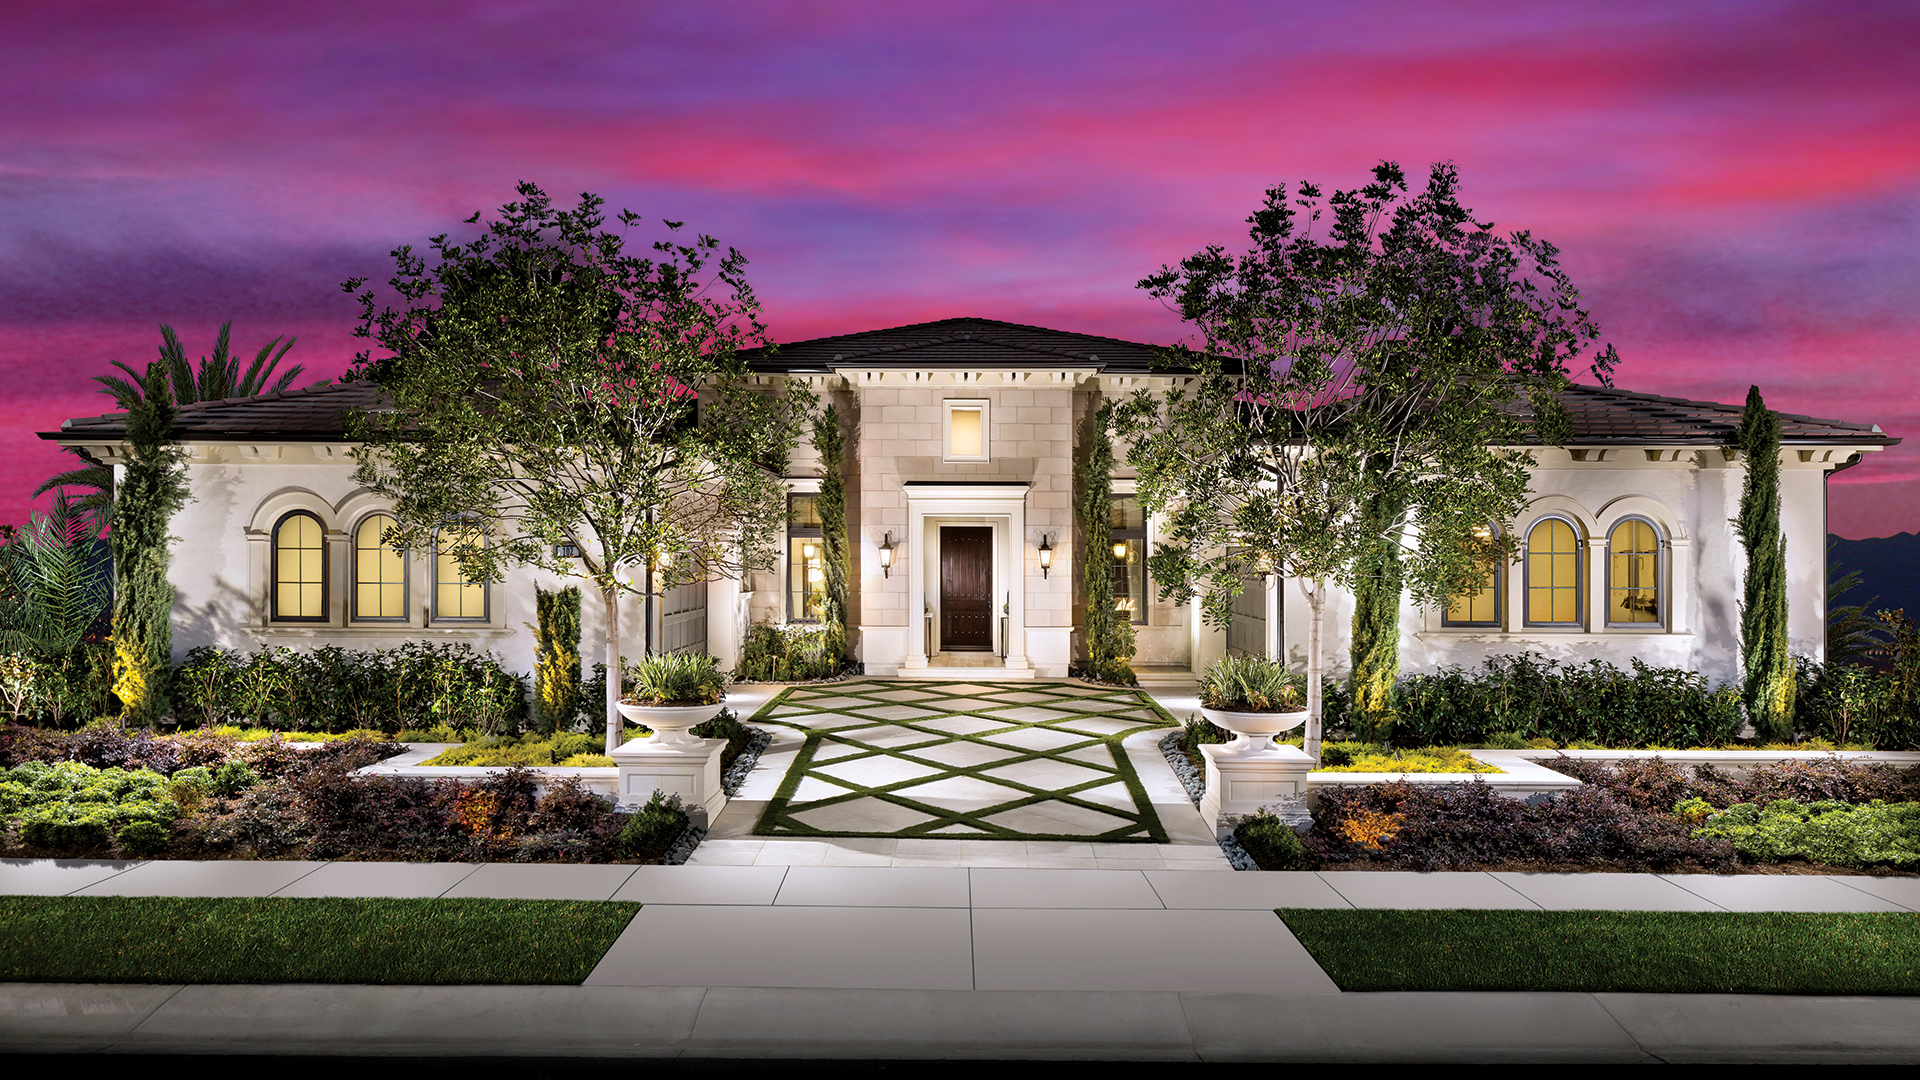 New Luxury Homes For Sale in Rocklin, CA | Oakcrest